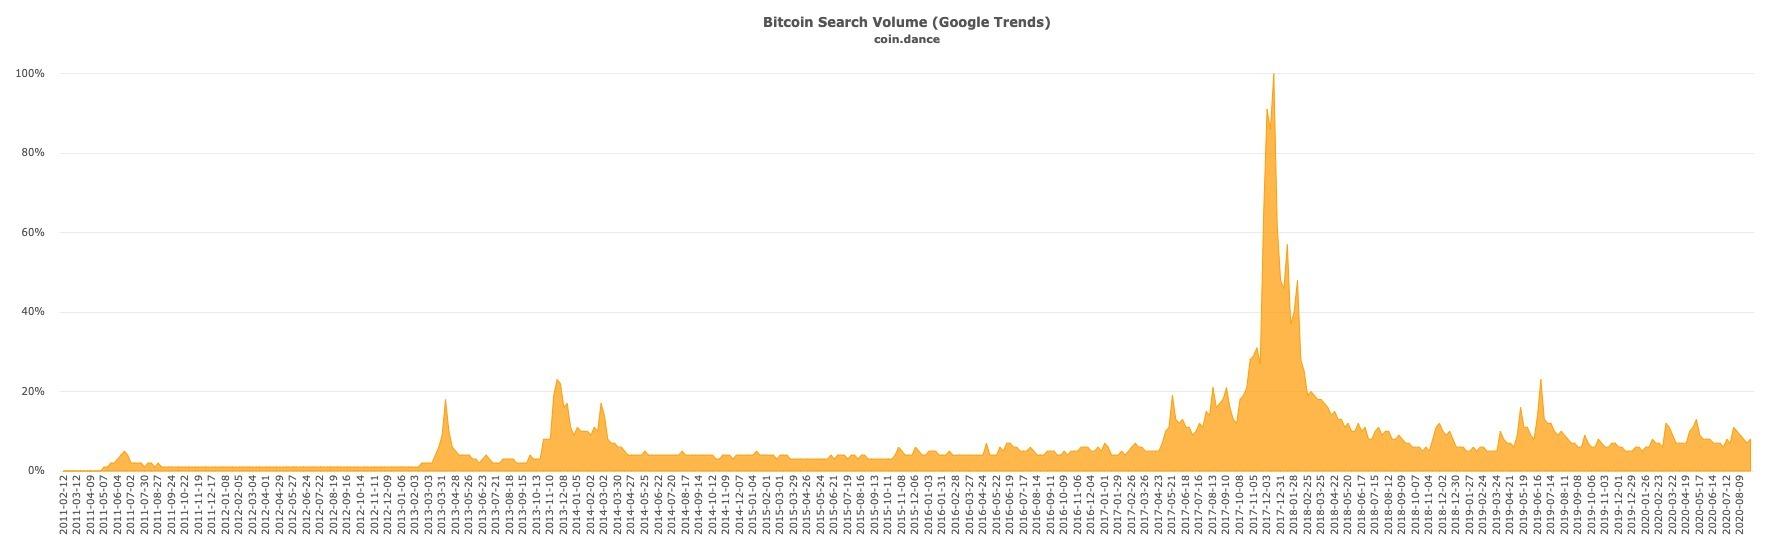 Bitcoin Search Volume 2011-2020